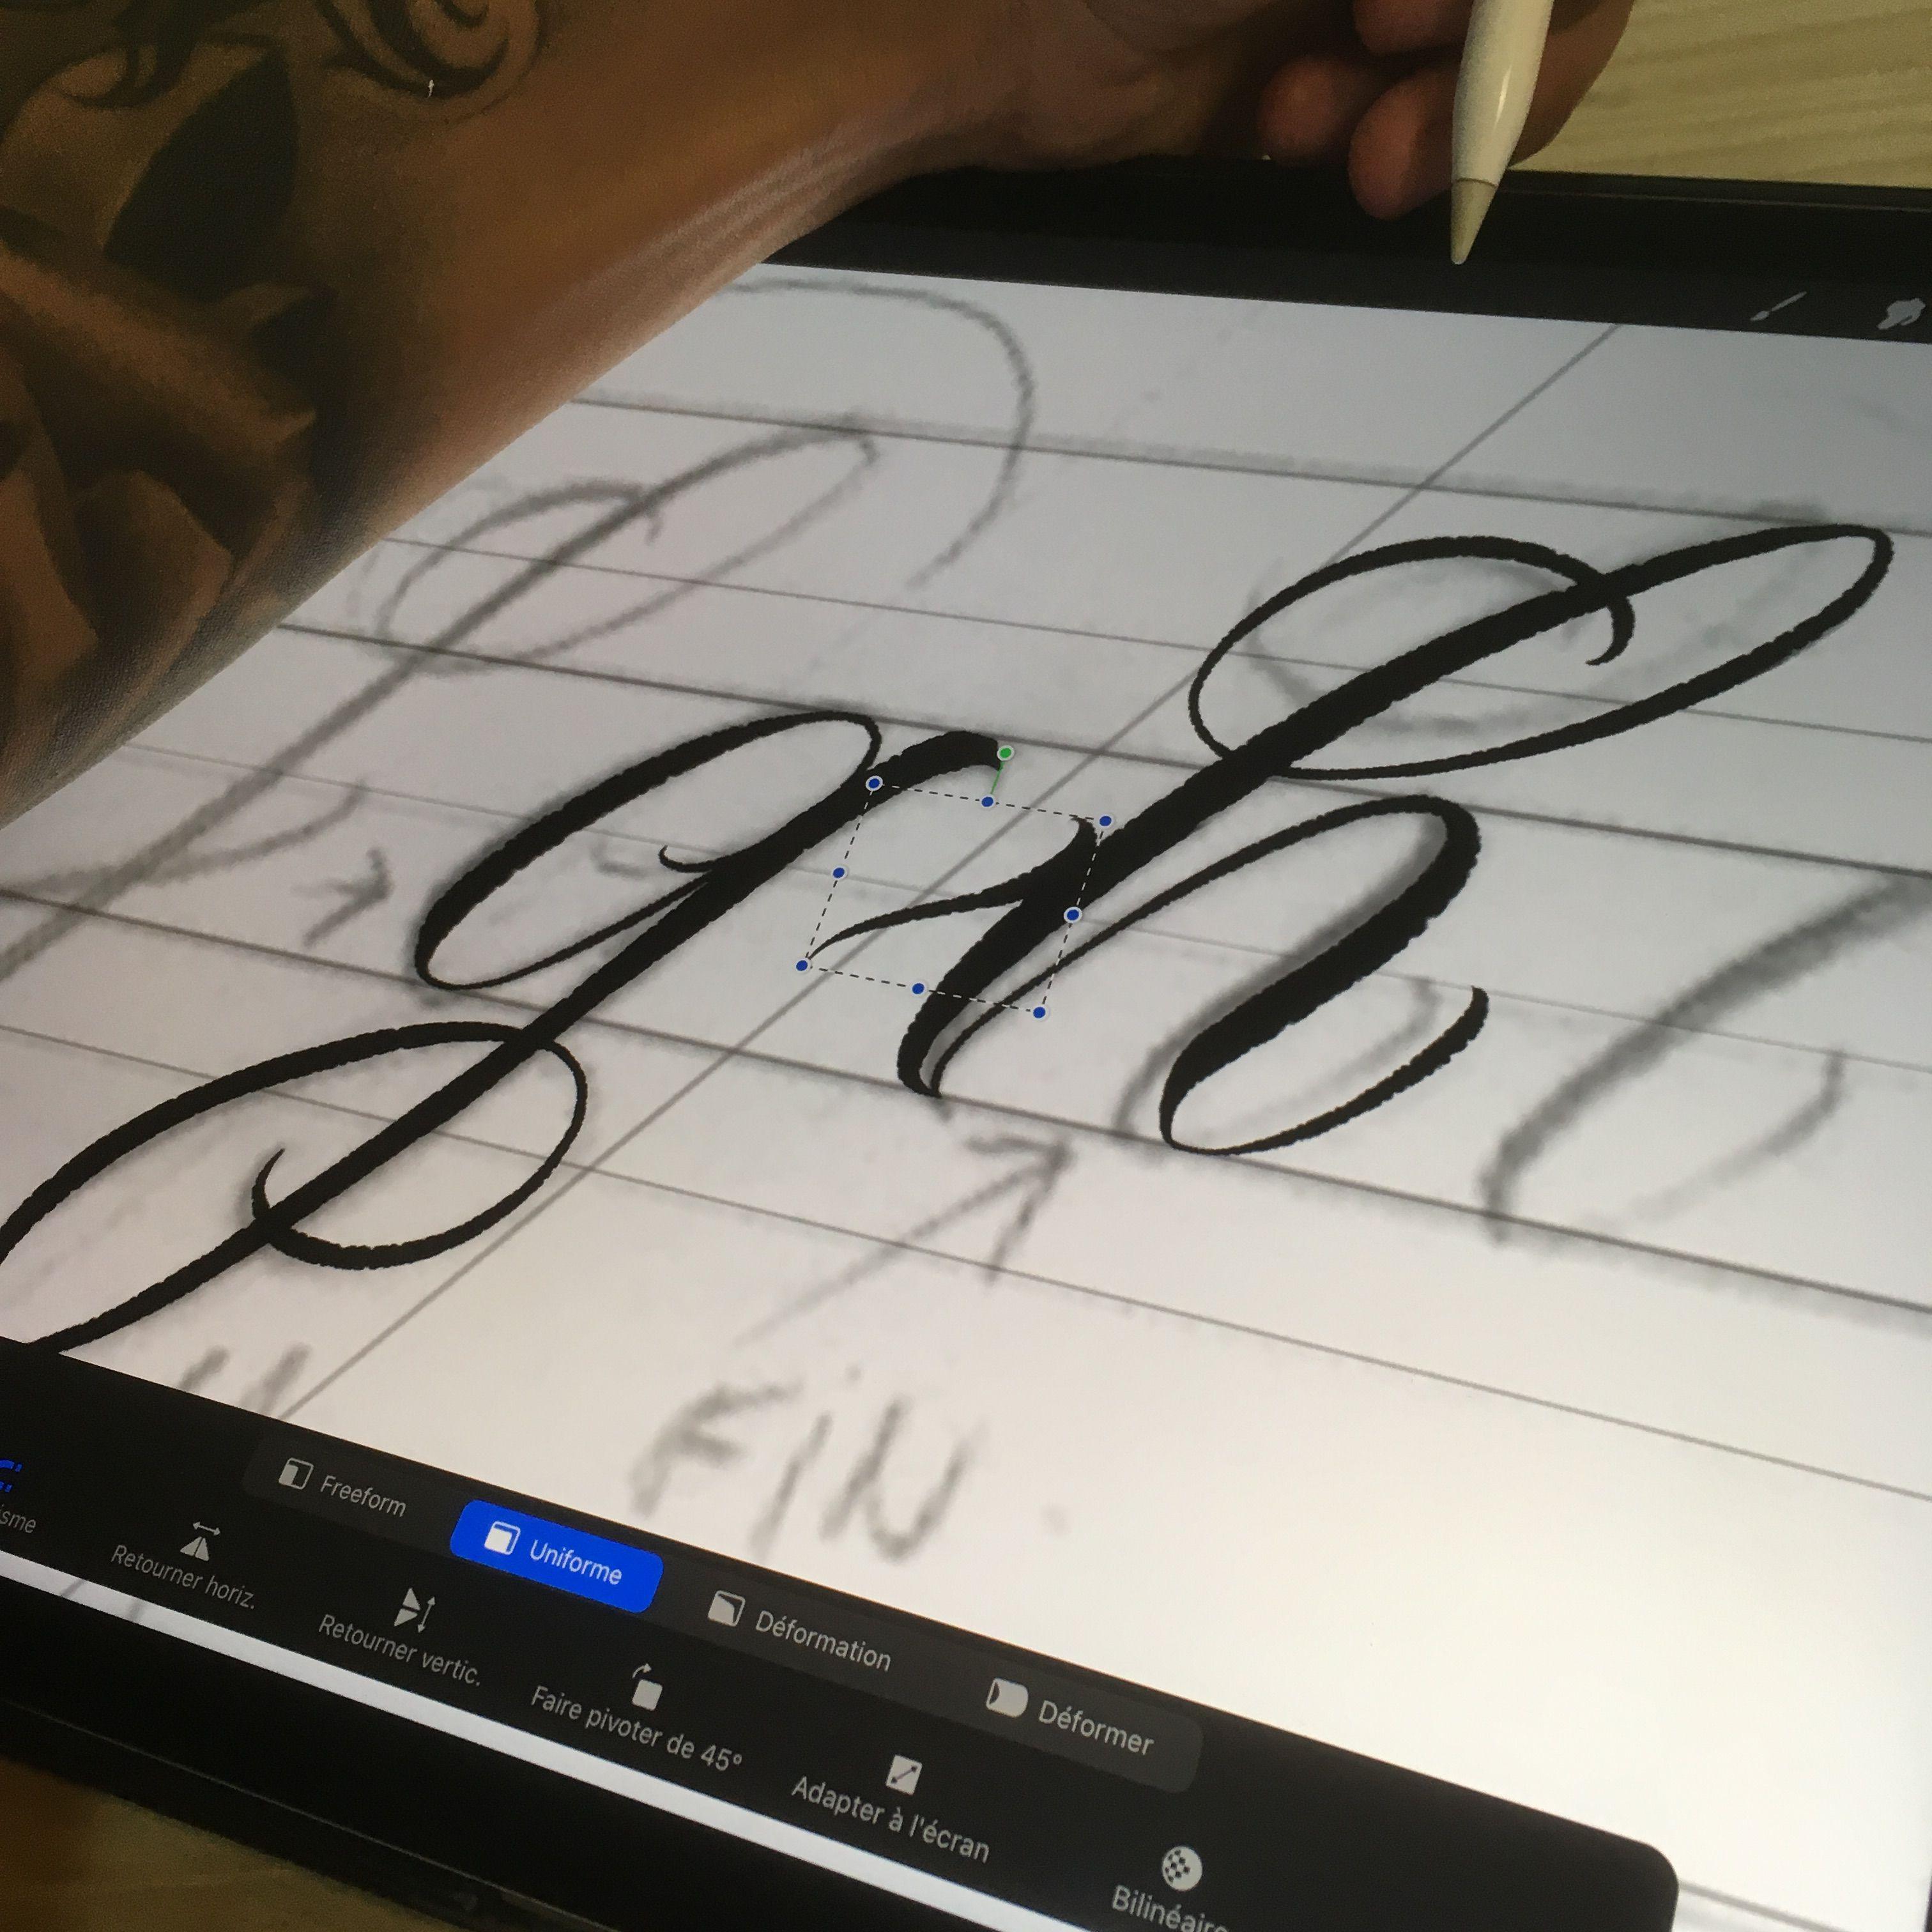 Chicano lettering tattoo brush for procreate Brushestock